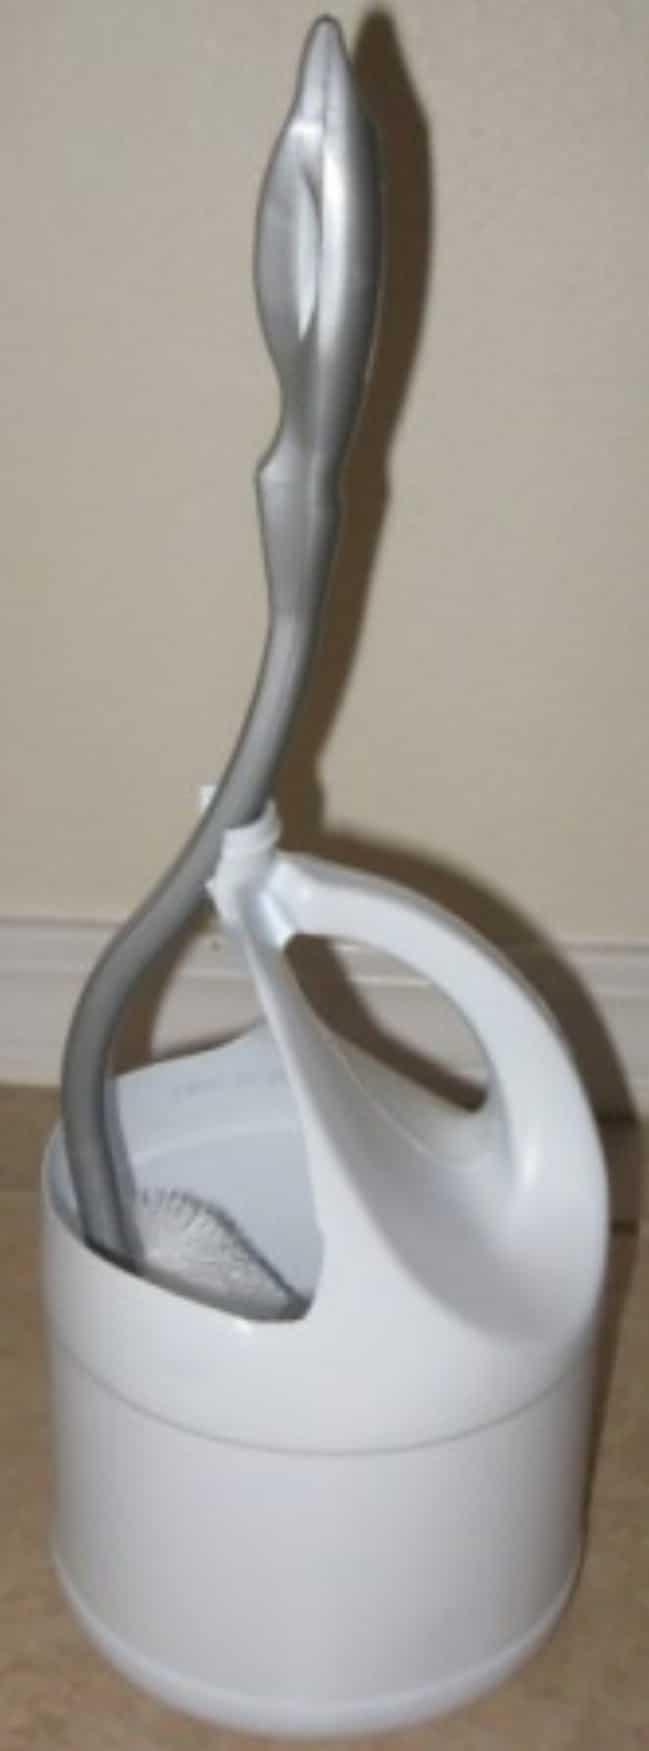 Recycled Detergent Bottle Toilet Brush Holder